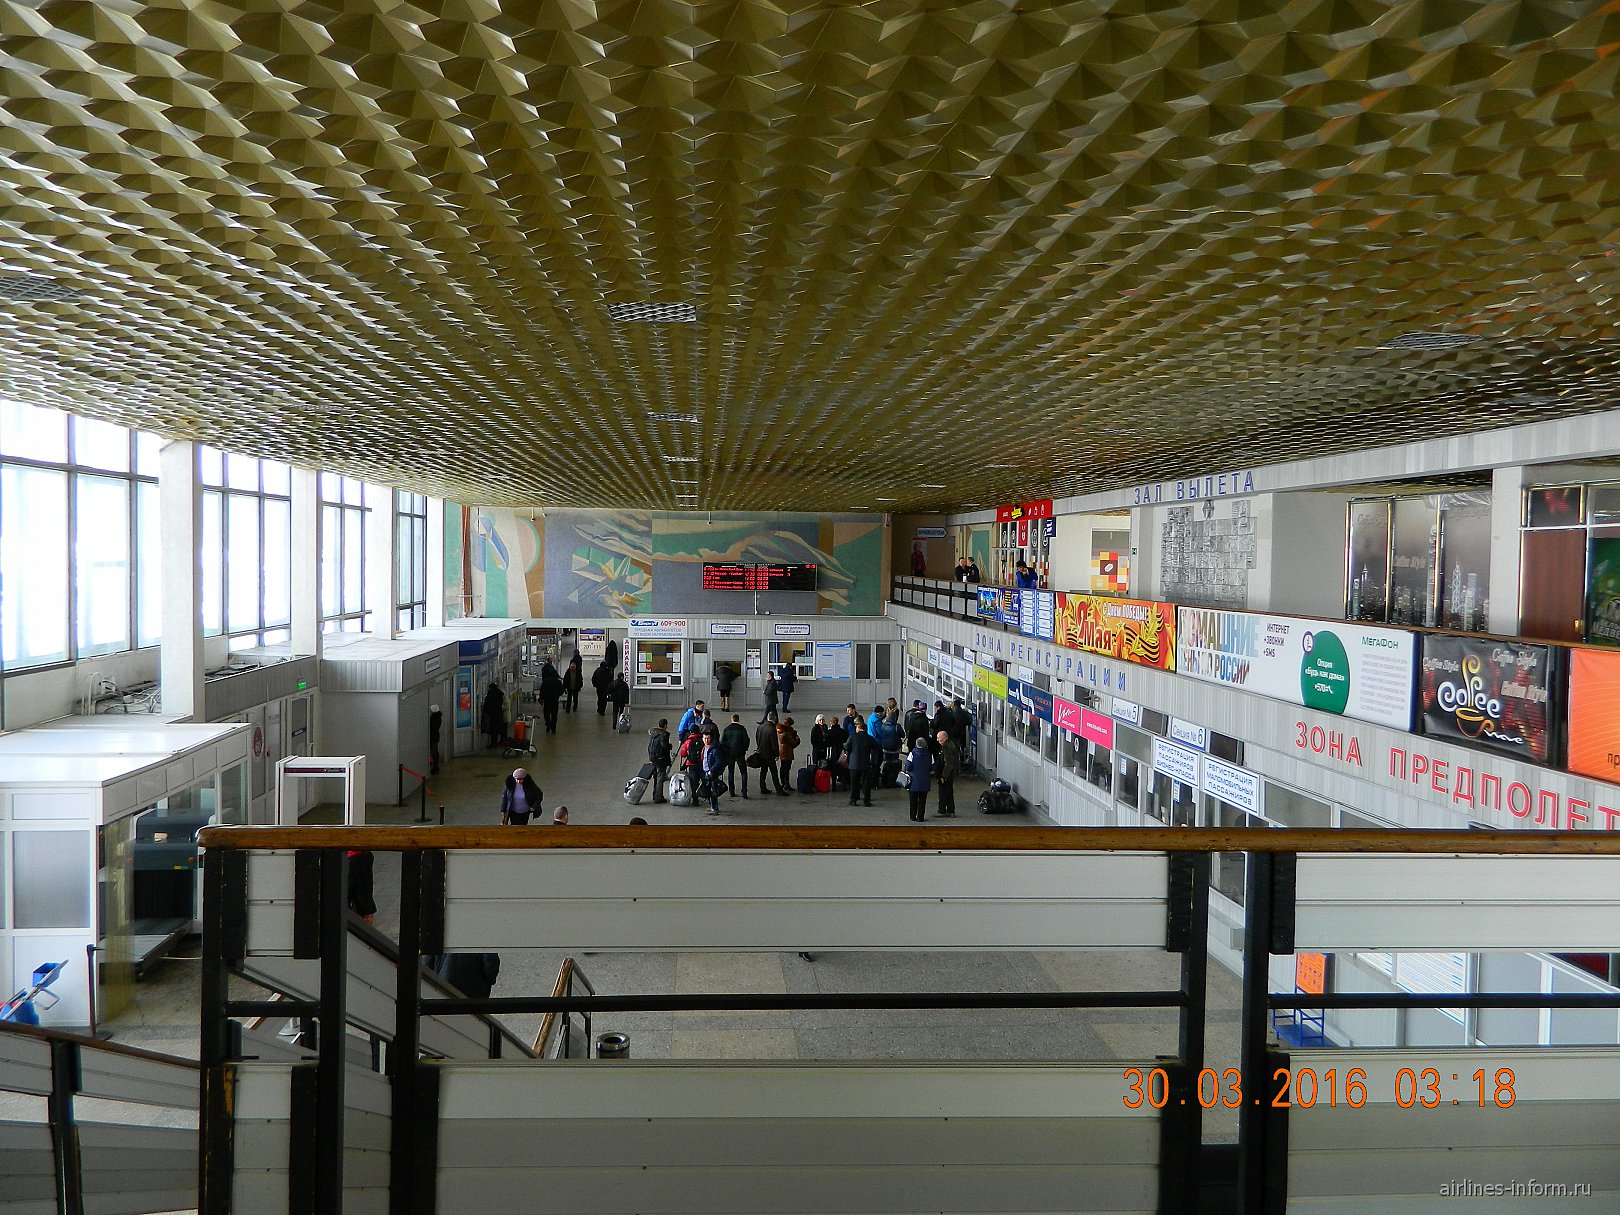 В аэровокзале аэропорта Магадан Сокол